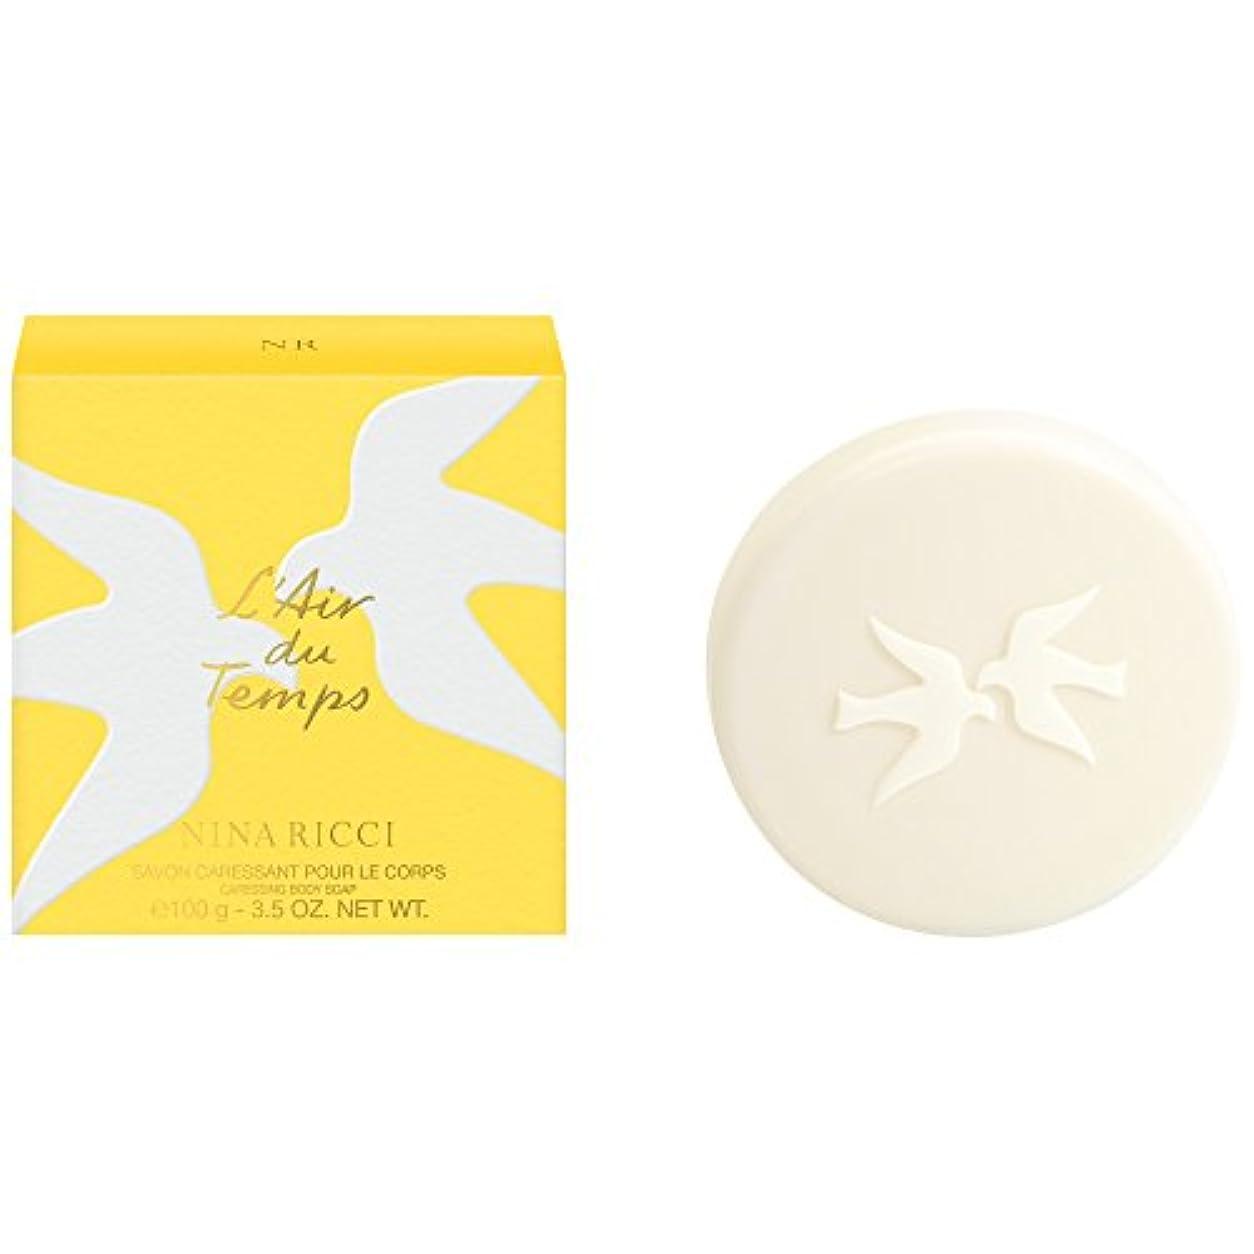 マーティフィールディング最初迷路ニナリッチL'空気デュは石鹸の100グラムをタン (Nina Ricci) (x2) - Nina Ricci L'Air du Temps Soap 100g (Pack of 2) [並行輸入品]